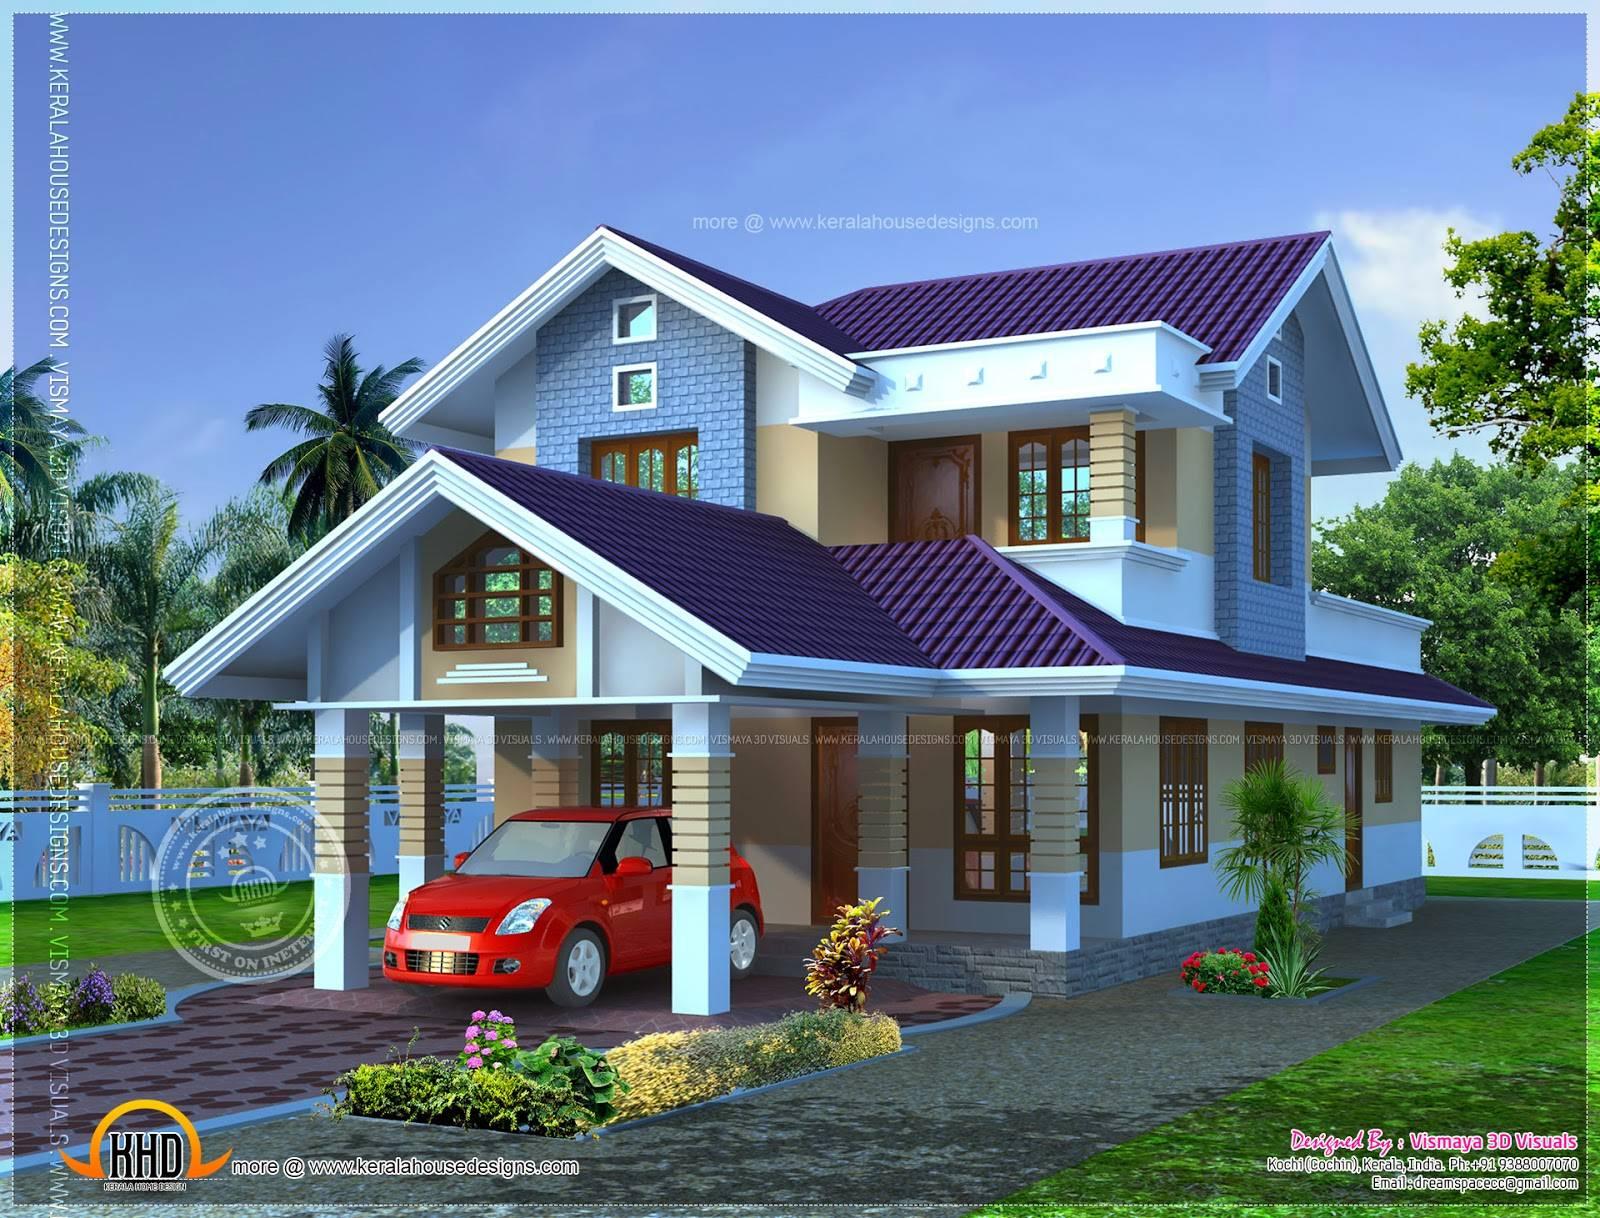 luxury zero lot line house plans. Zero Lot Line House Plans Ideas   Agemslife com